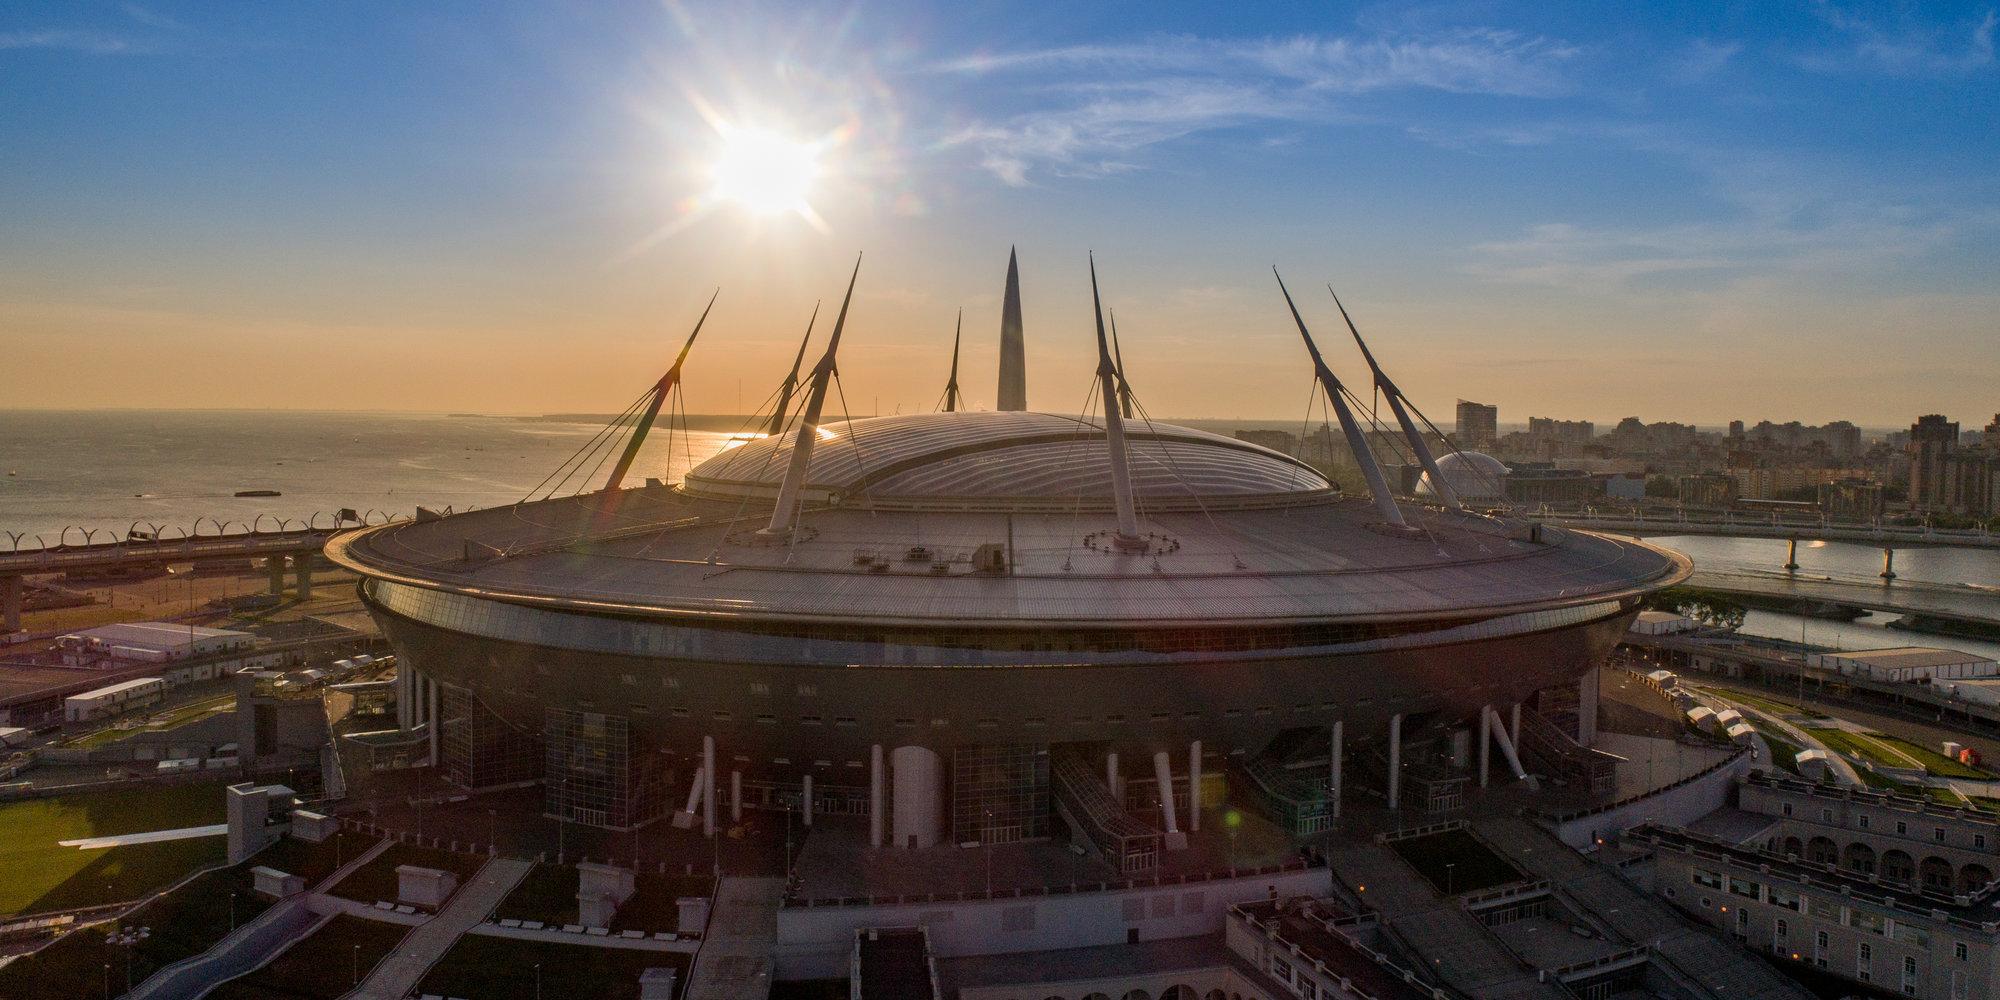 Источник: Лондон и Санкт-Петербург примут дополнительные матчи Евро-2020 в случае переноса из других городов